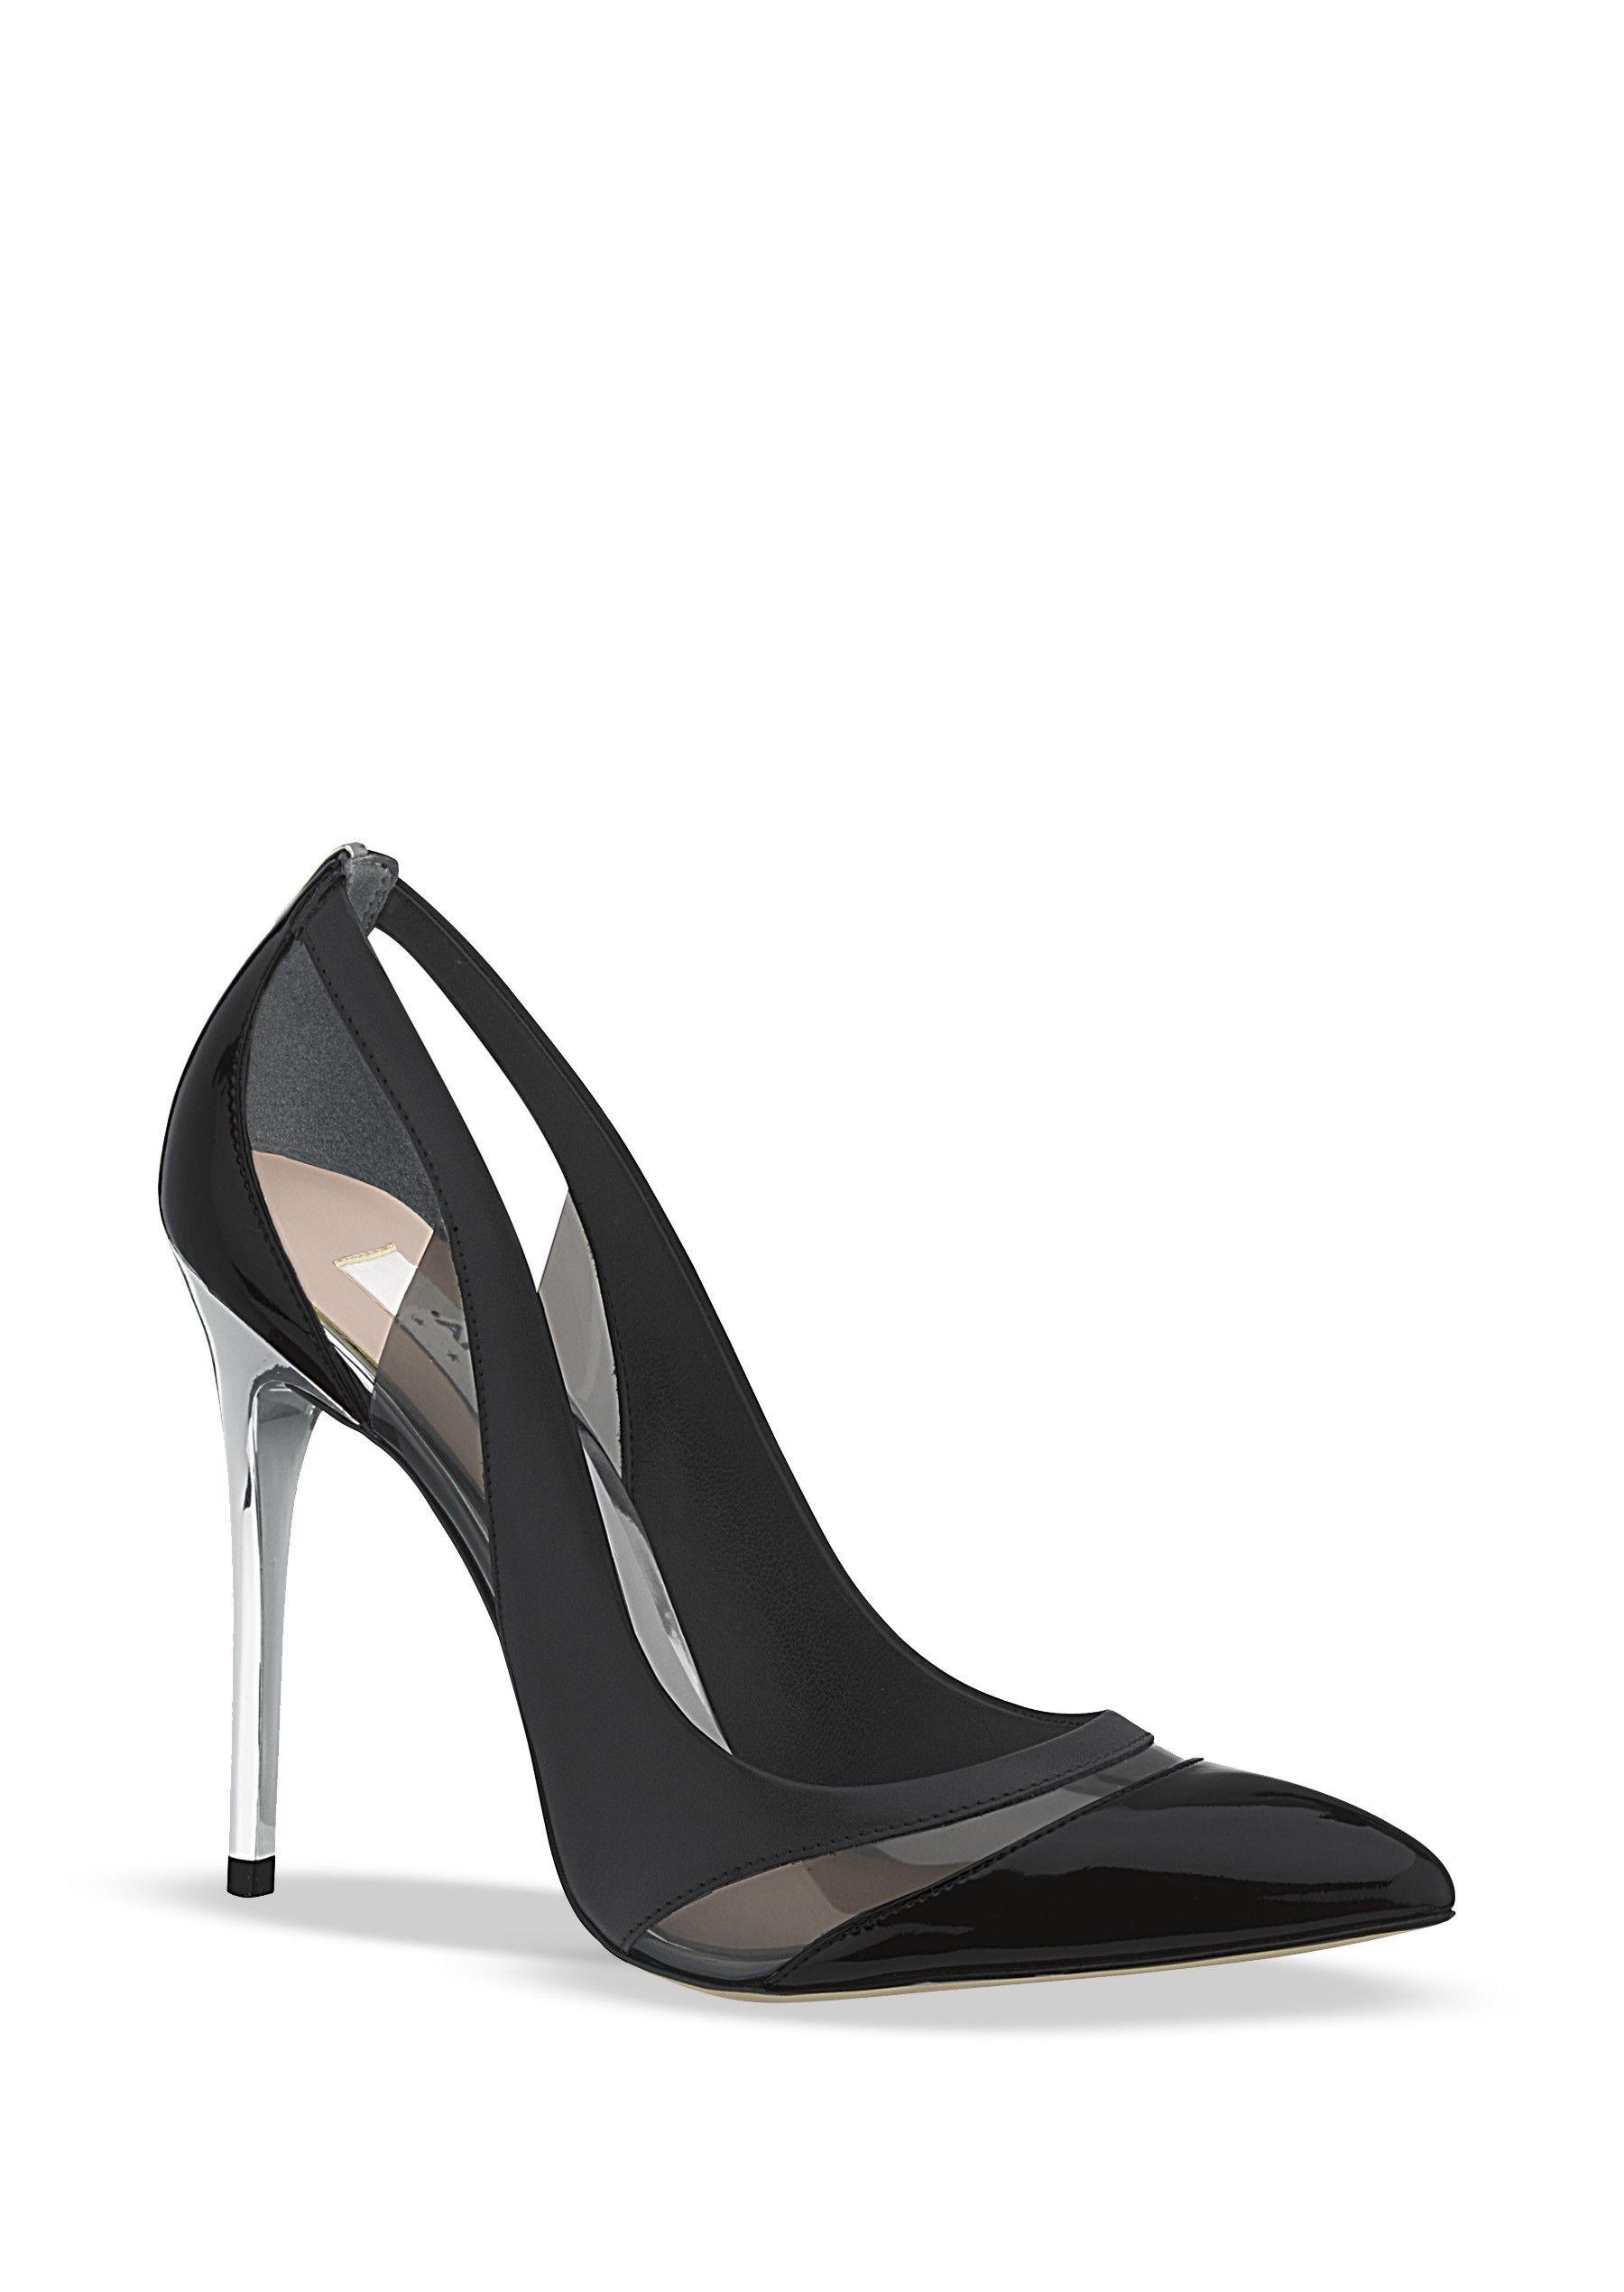 18.629   68.10 Zapato semicerrado con punta pronunciada y detalle de la  mica en corte d96196469fd3